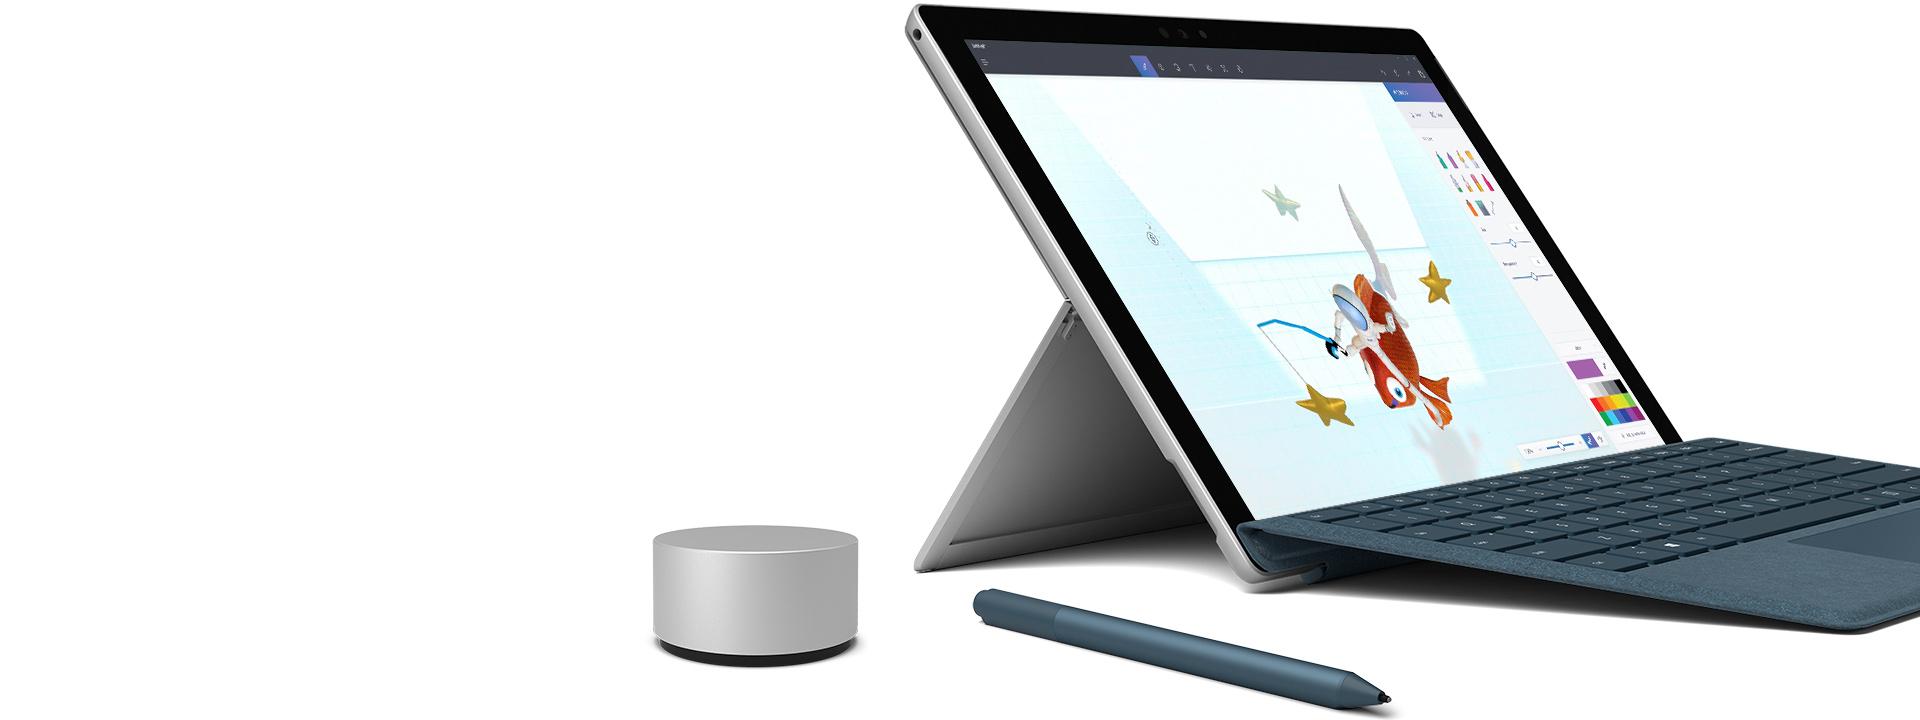 Surface Pro kannettavan tietokoneen tilassa yhdessä Surface Dialin, Surface-kynän ja Type Coverin kanssa.